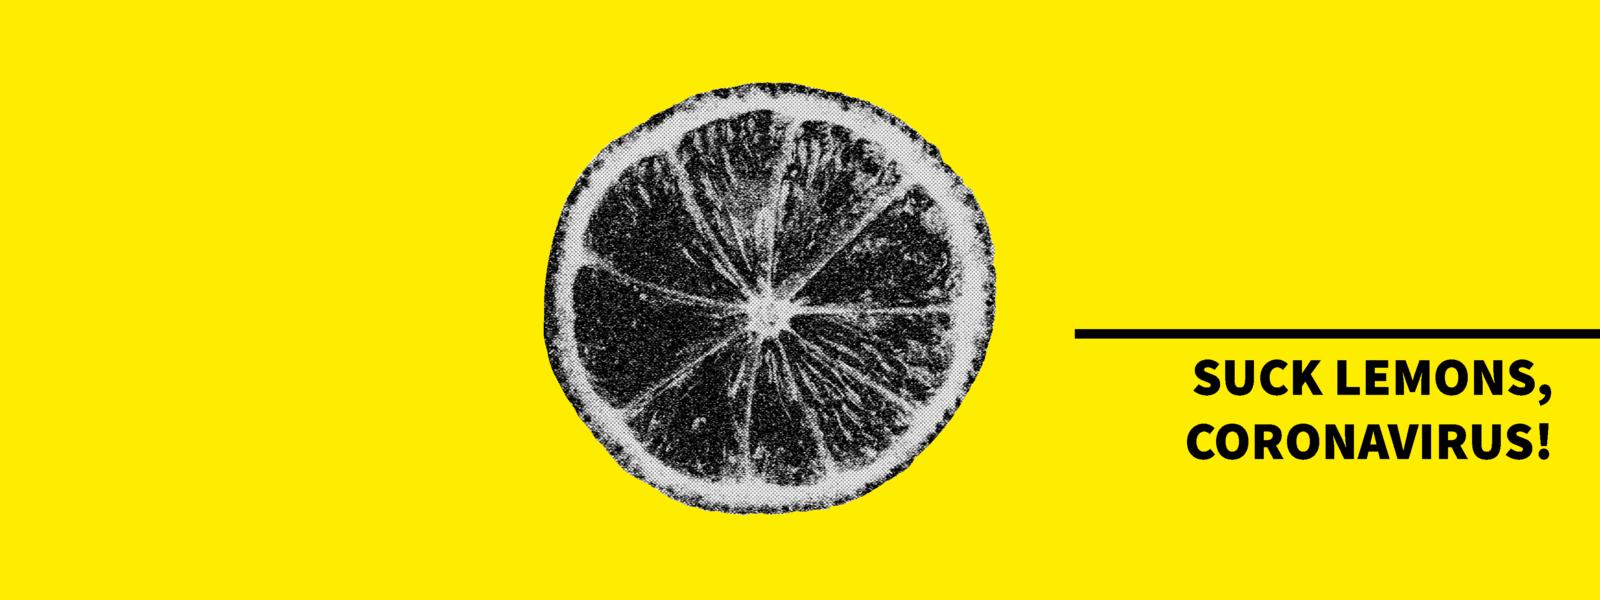 Suck lemons, coronavirus